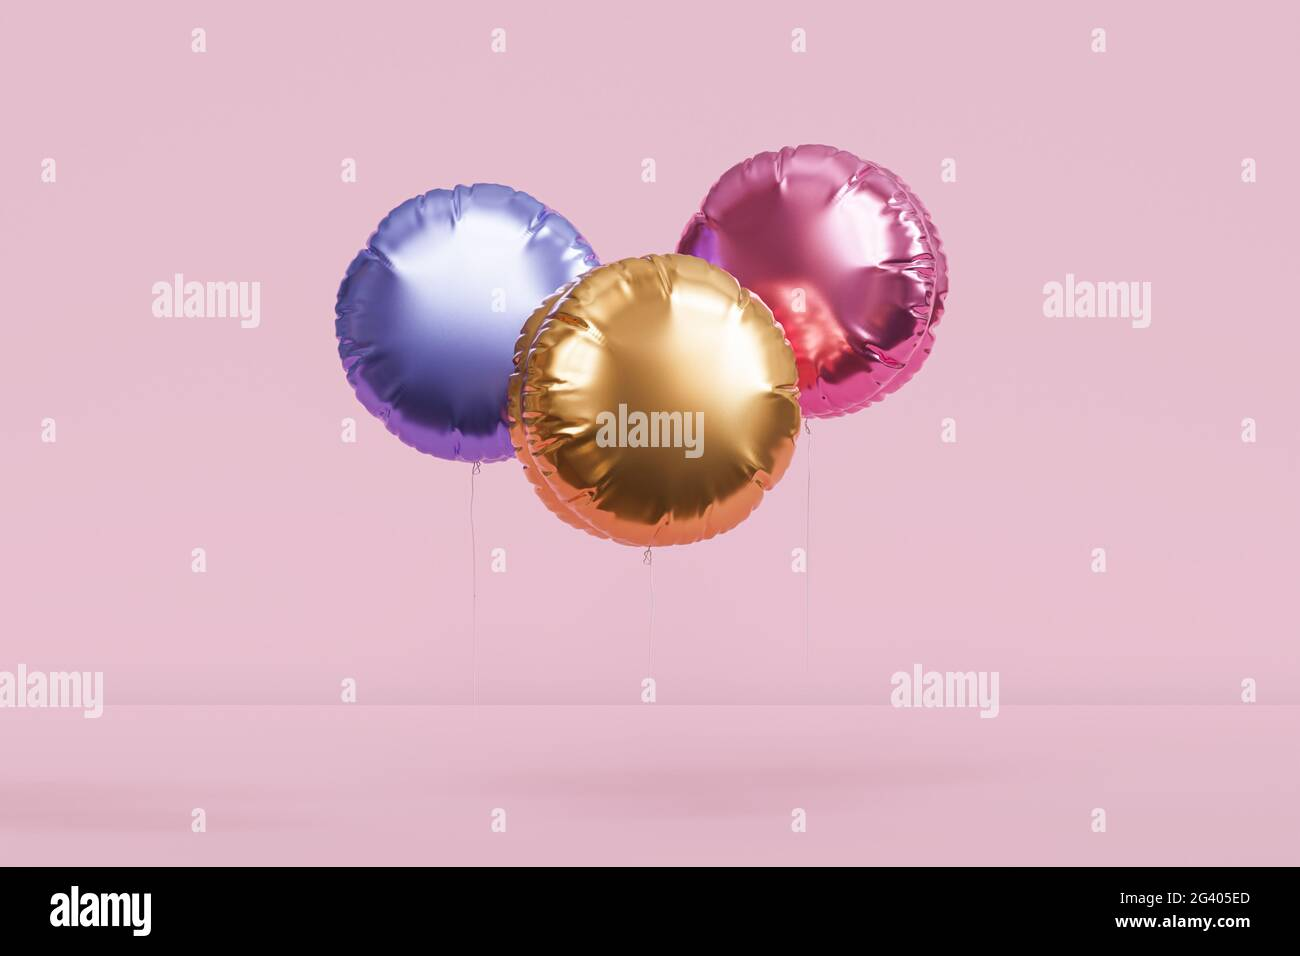 Brillantes globos de colores, fondo rosa para fiestas, cumpleaños, celebraciones o vacaciones, 3D render realista Foto de stock